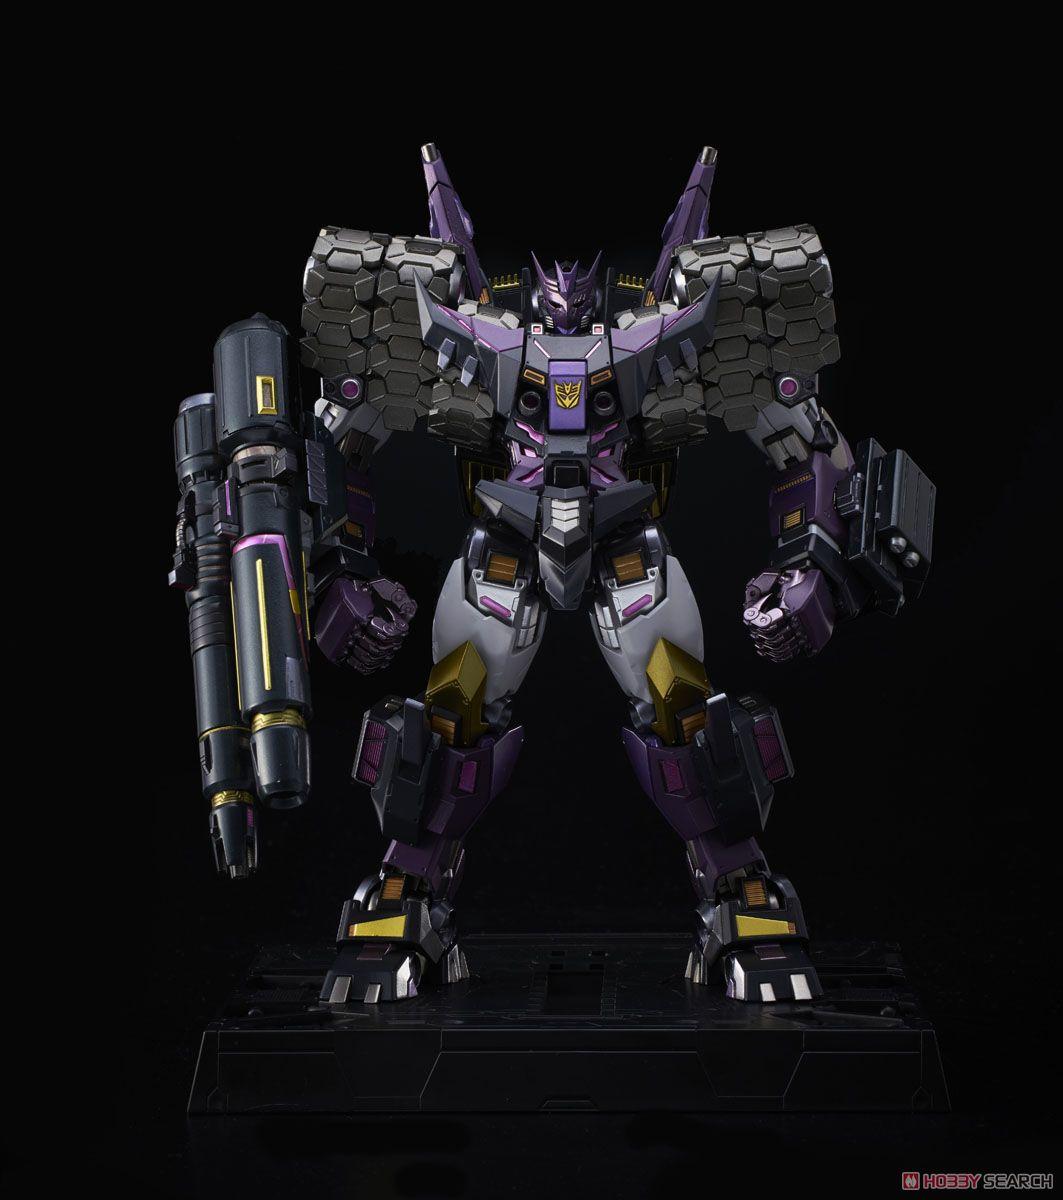 鉄機巧『ターン』トランスフォーマー 可動フィギュア-001